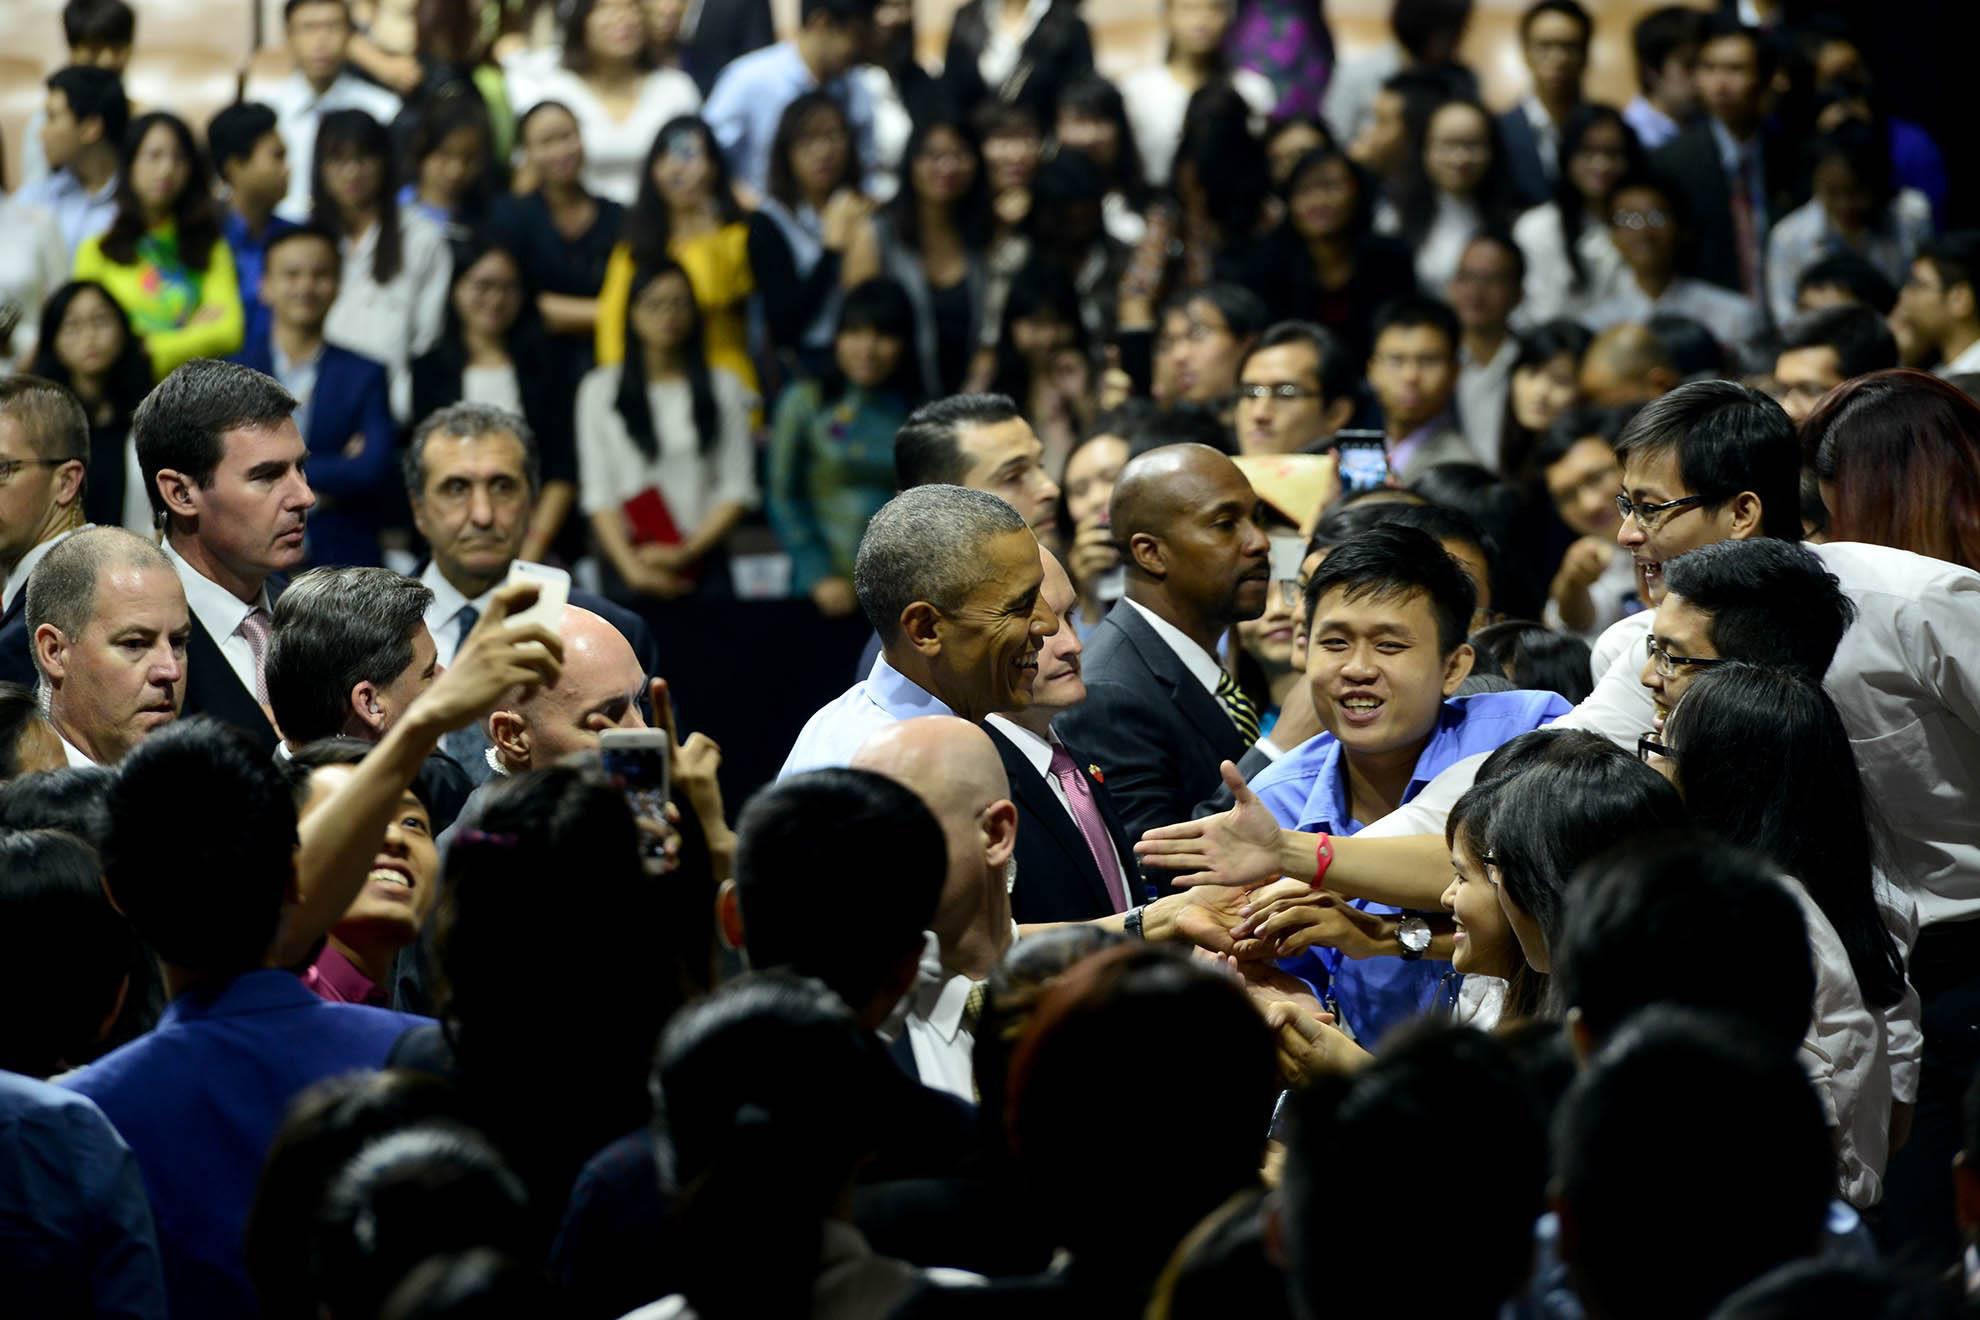 Người dân Sài Gòn nồng nhiệt chào đón Tổng thống Obama. (Ảnh: baomoi.com)